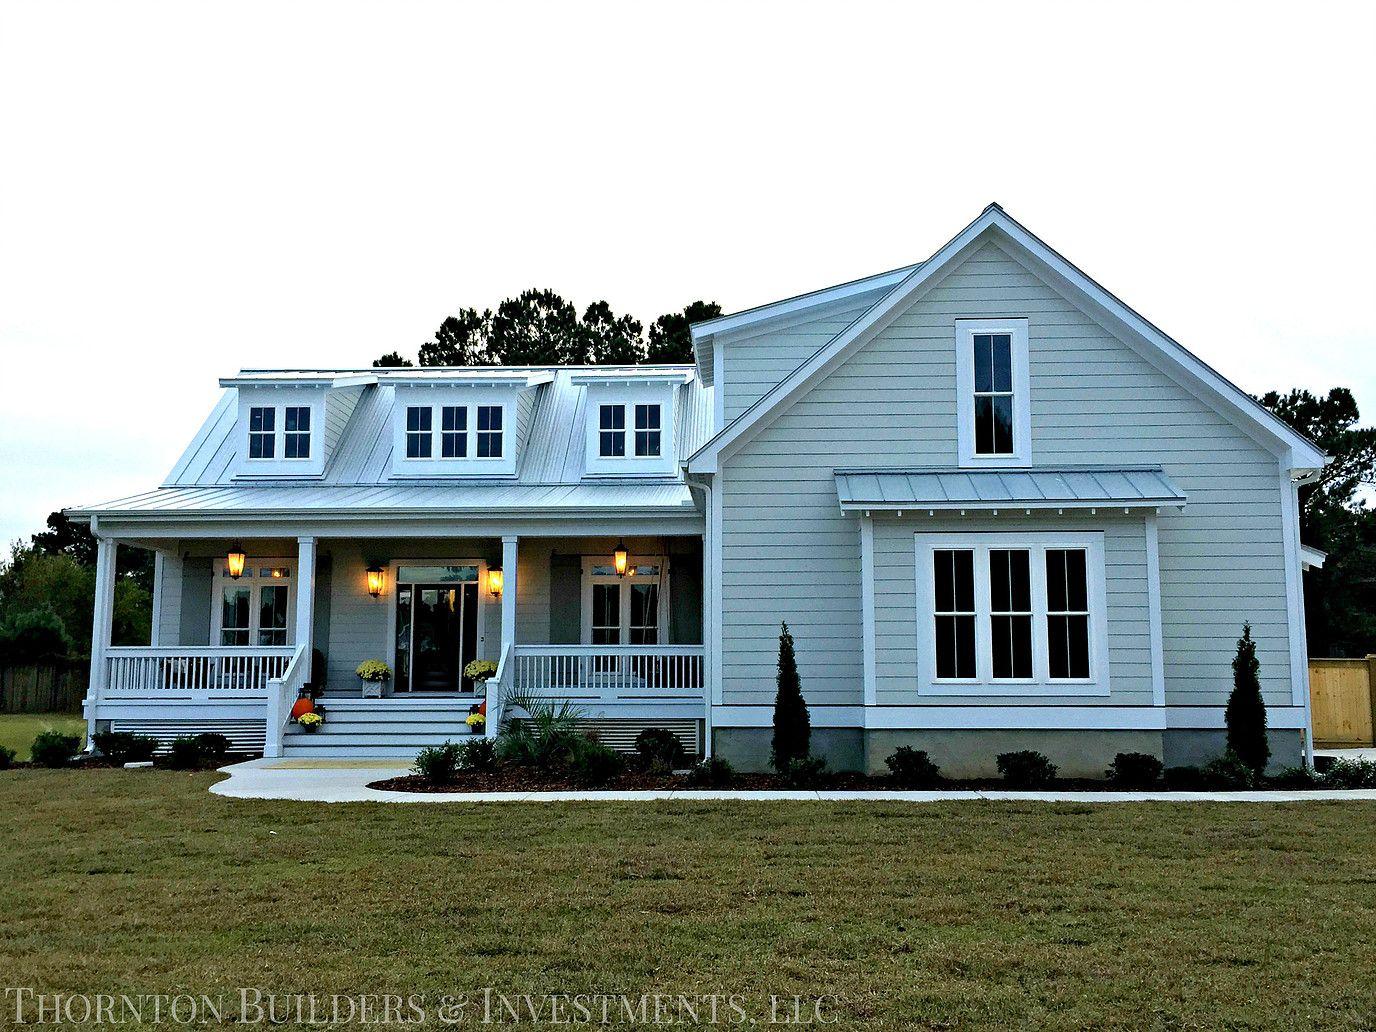 thornton builders the modern farmhouse - Farmhouse Builders